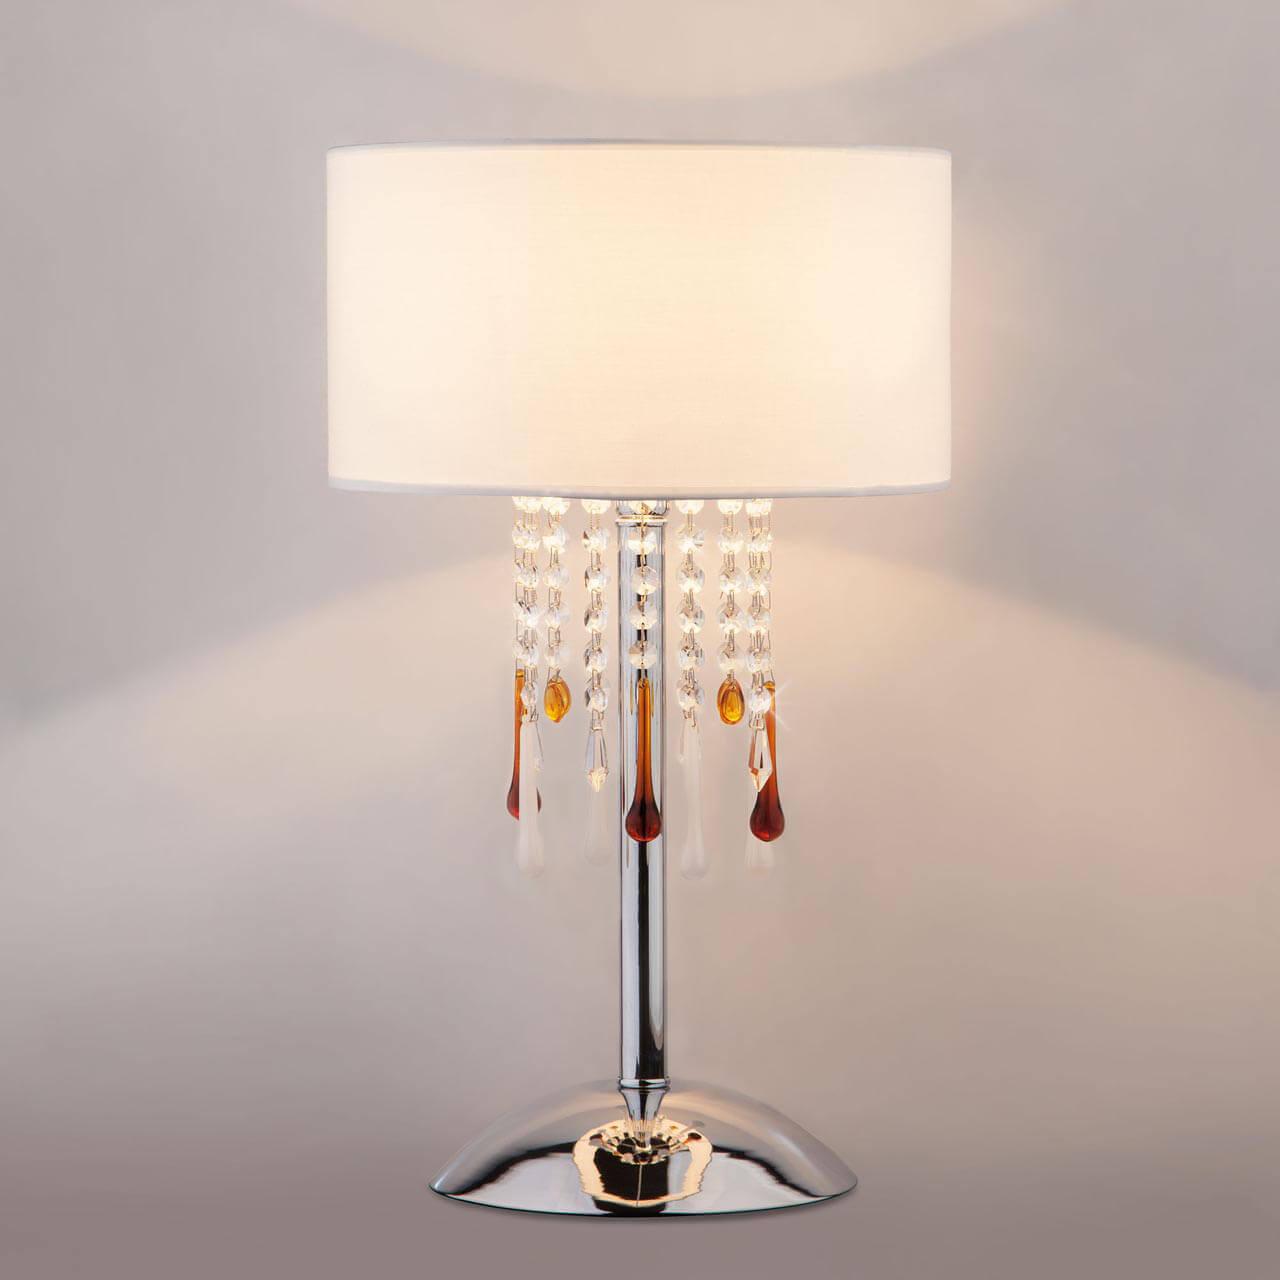 Настольная лампа Bogates Glamour 01097/1 Strotskis лампа настольная декоративная bogates 01090 1